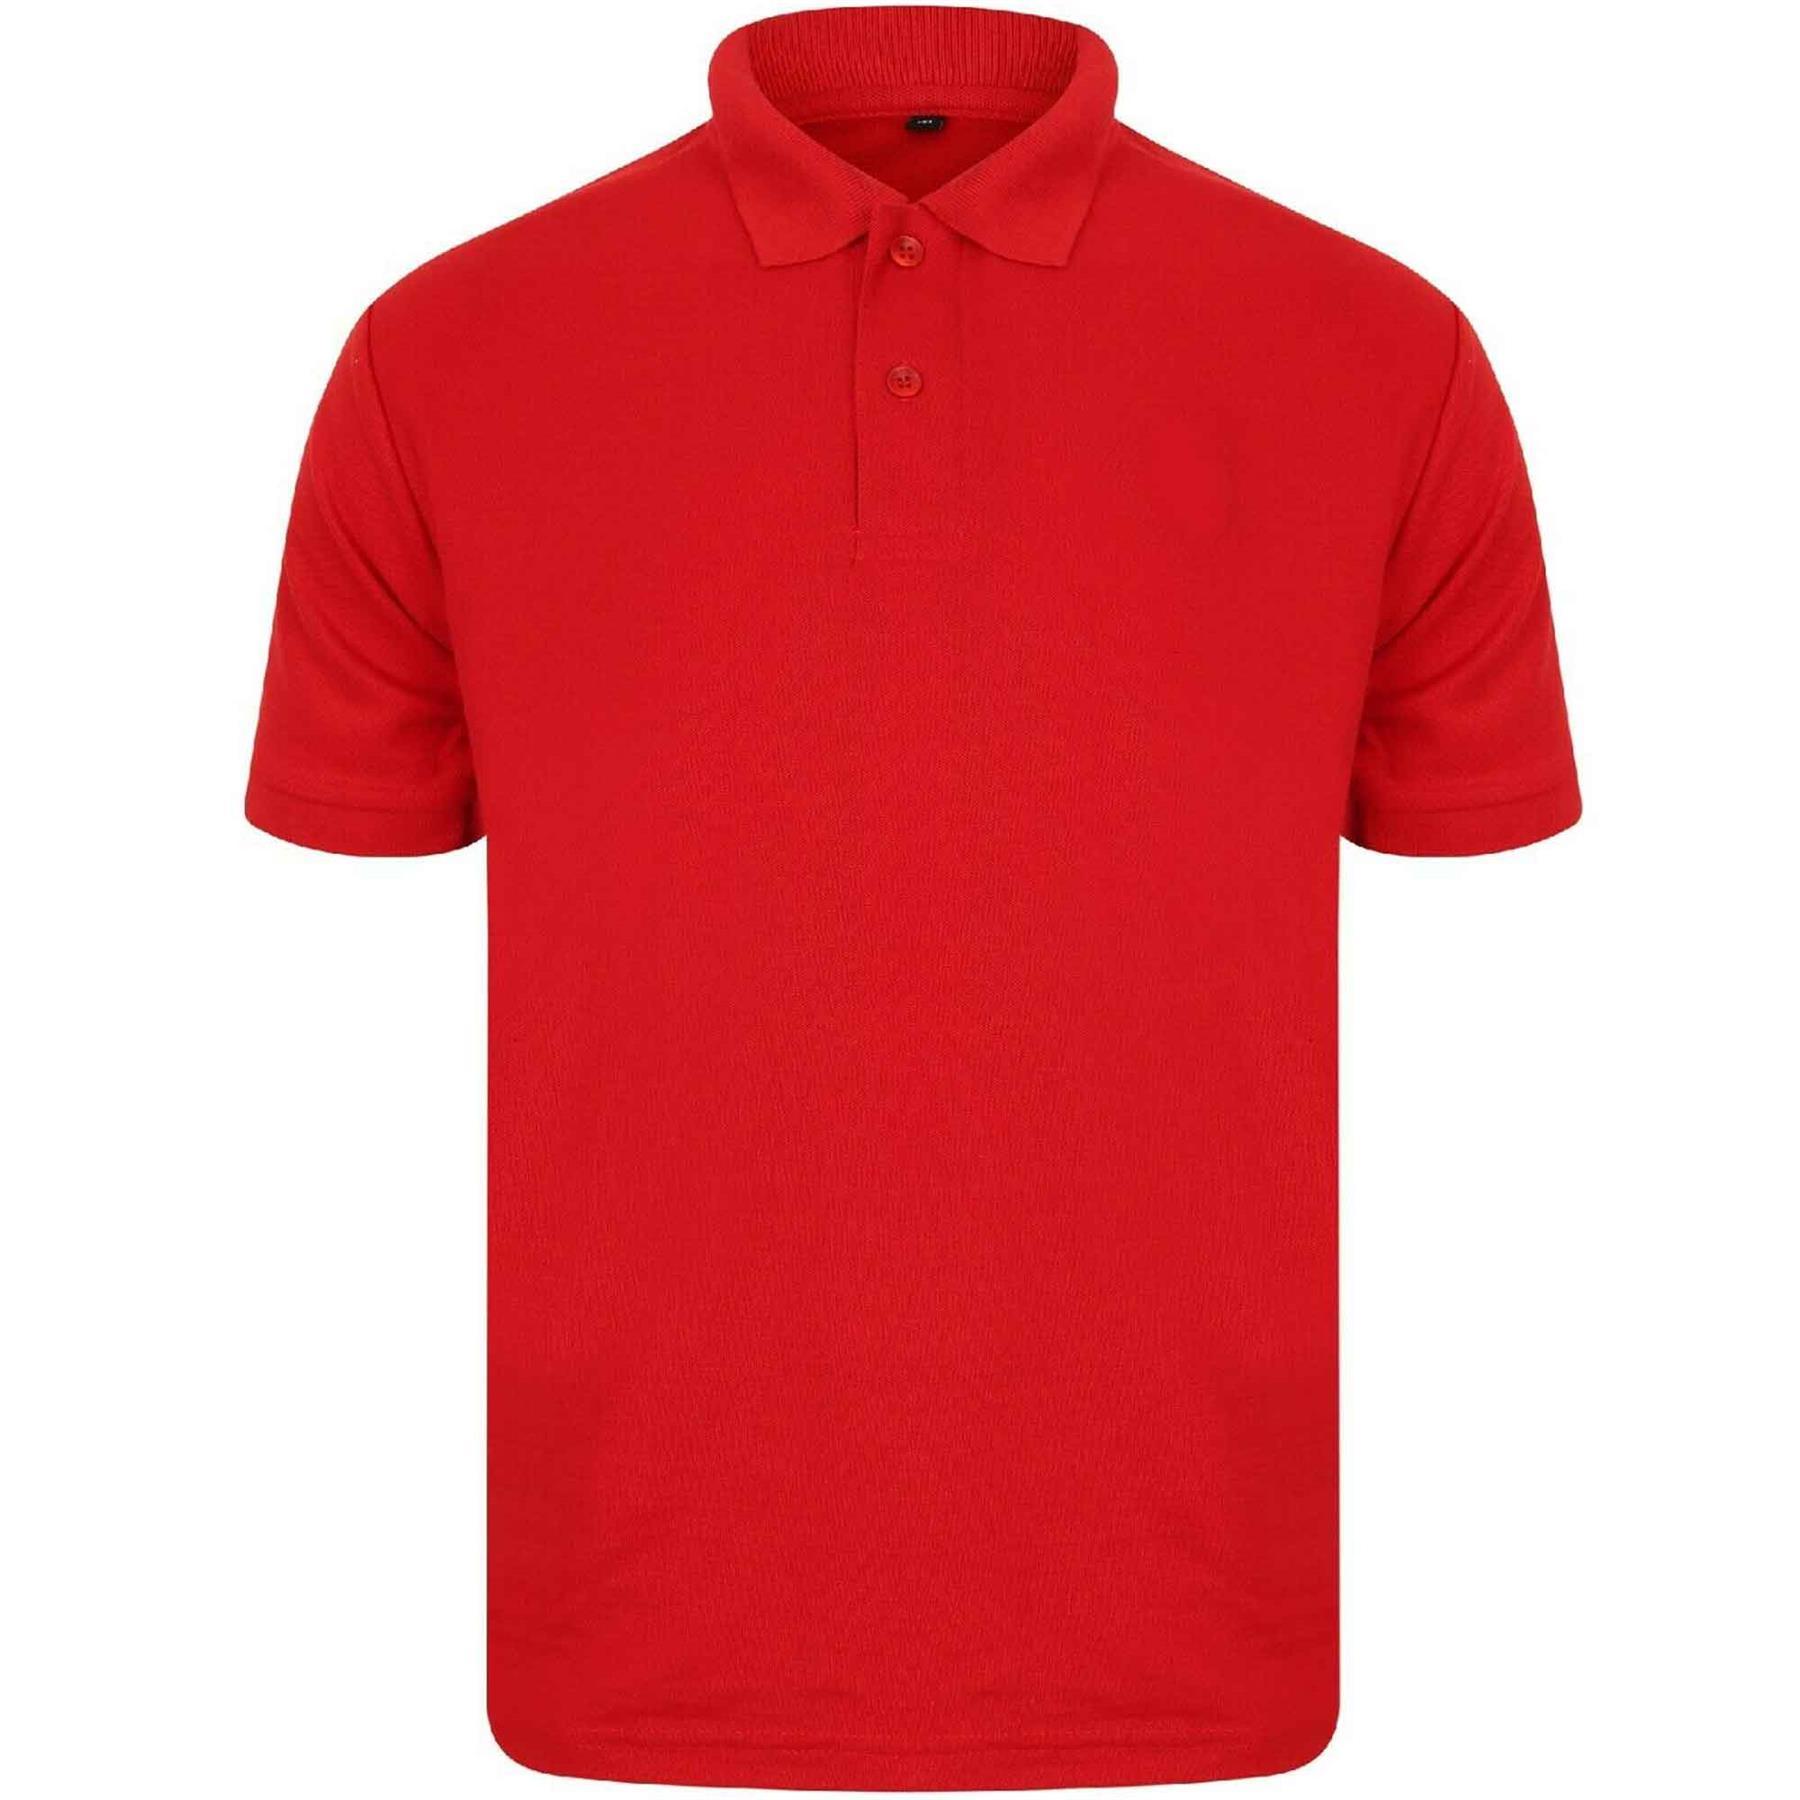 Indexbild 42 - Herren Polohemd Freizeit T-Shirts Neu Schlicht Kurzärmeliges Regular Fit